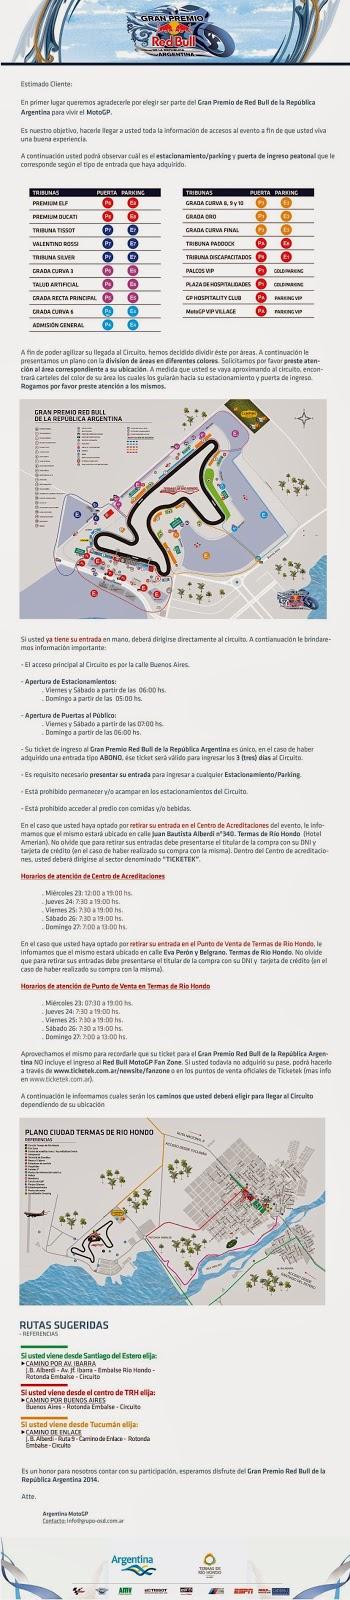 Motos Argentinas News Planos De Termas De Rio Hondo